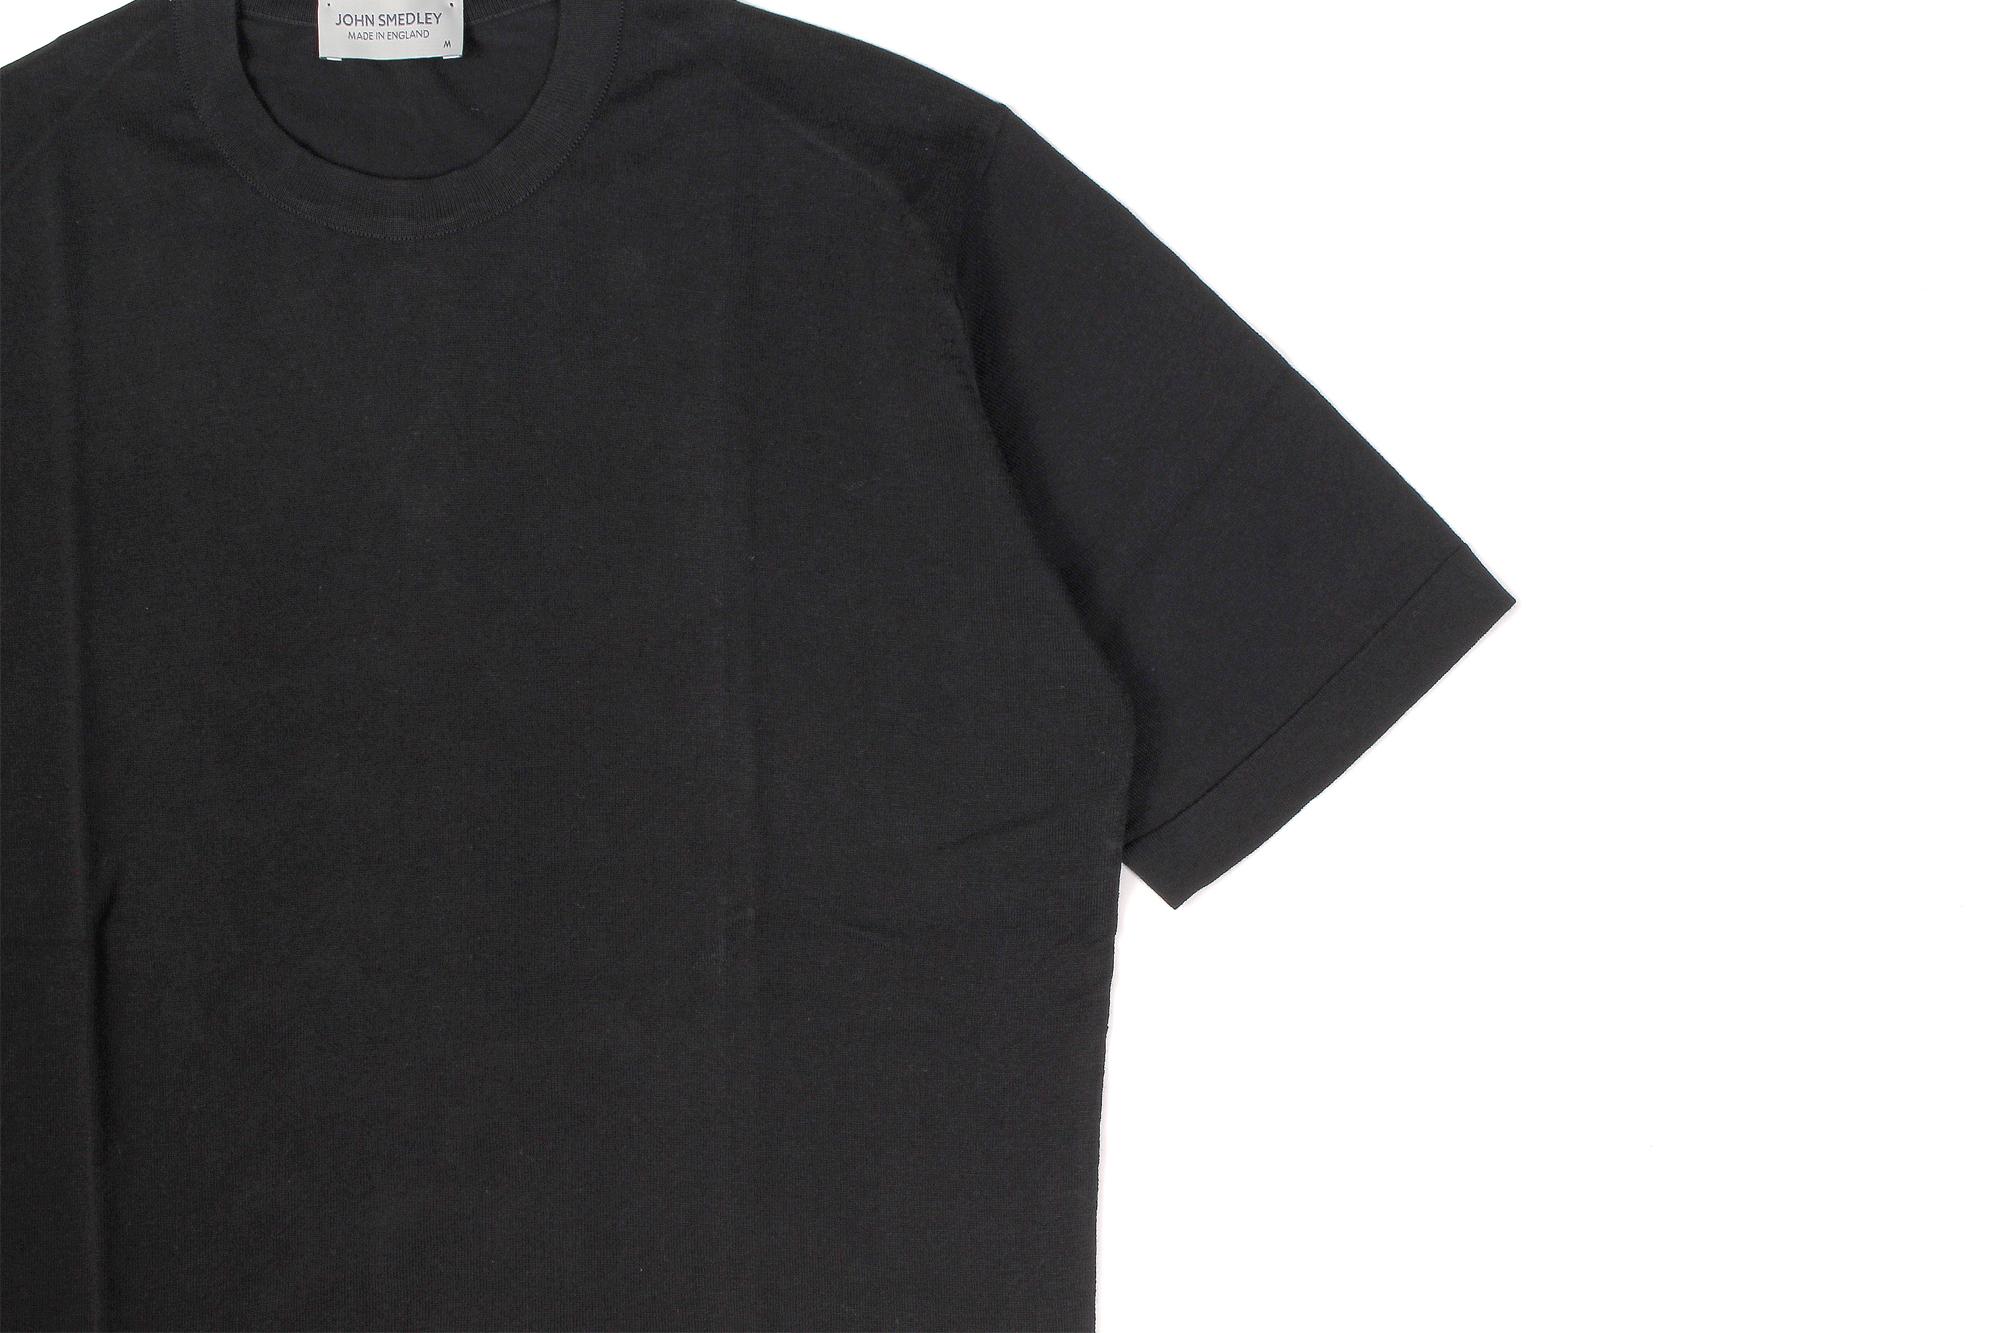 JOHN SMEDLEY(ジョンスメドレー) LORCA (ロルカ) SEA ISLAND COTTON (シーアイランドコットン) コットンニット Tシャツ BLACK (ブラック) Made in England (イギリス製) 2020 春夏新作 愛知 名古屋 altoediritto アルトエデリット